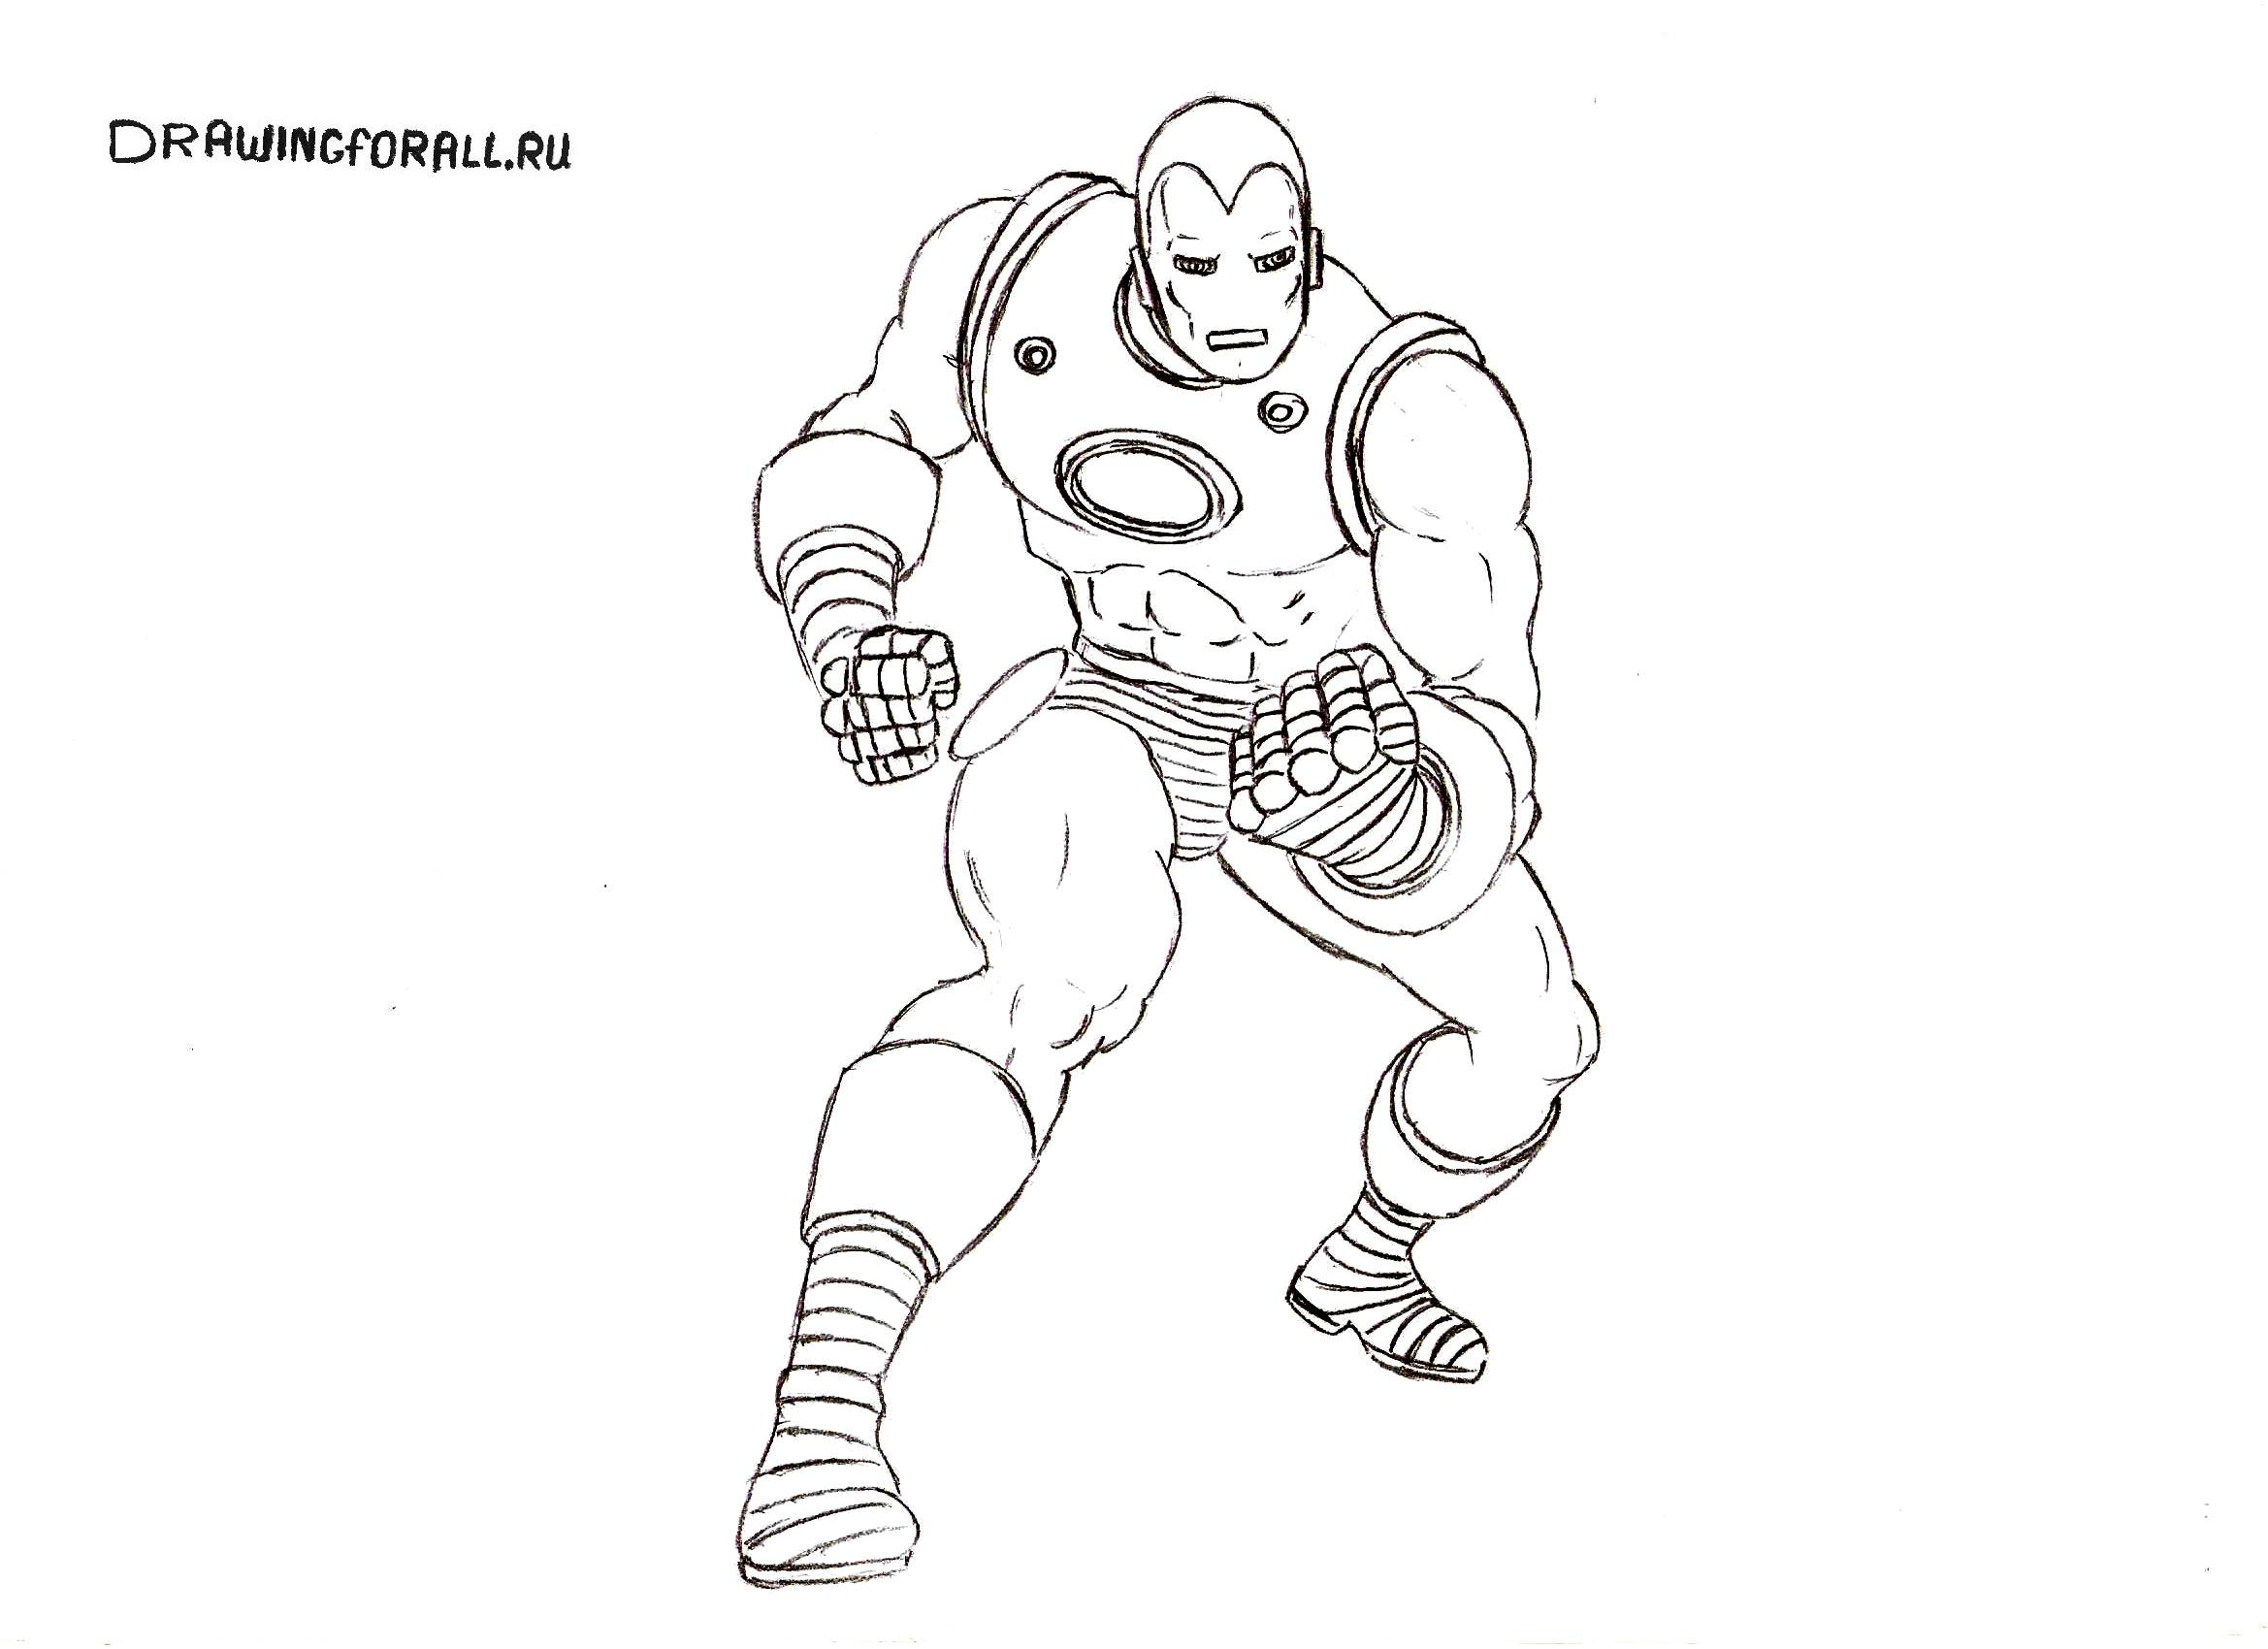 как нарисовать костюм железного человека